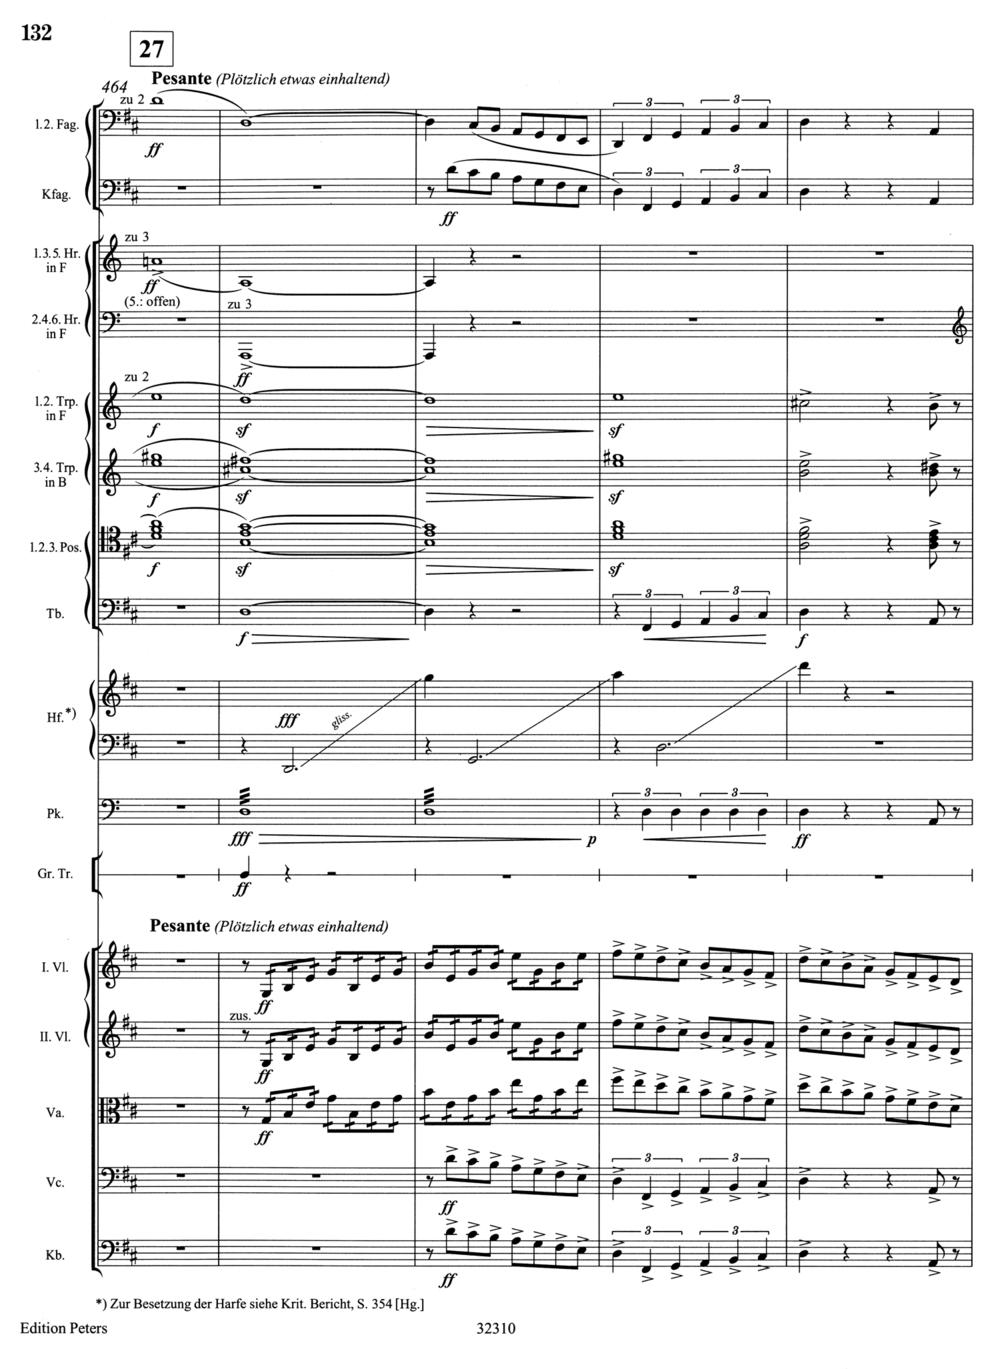 Mahler 5 Score 7.jpg